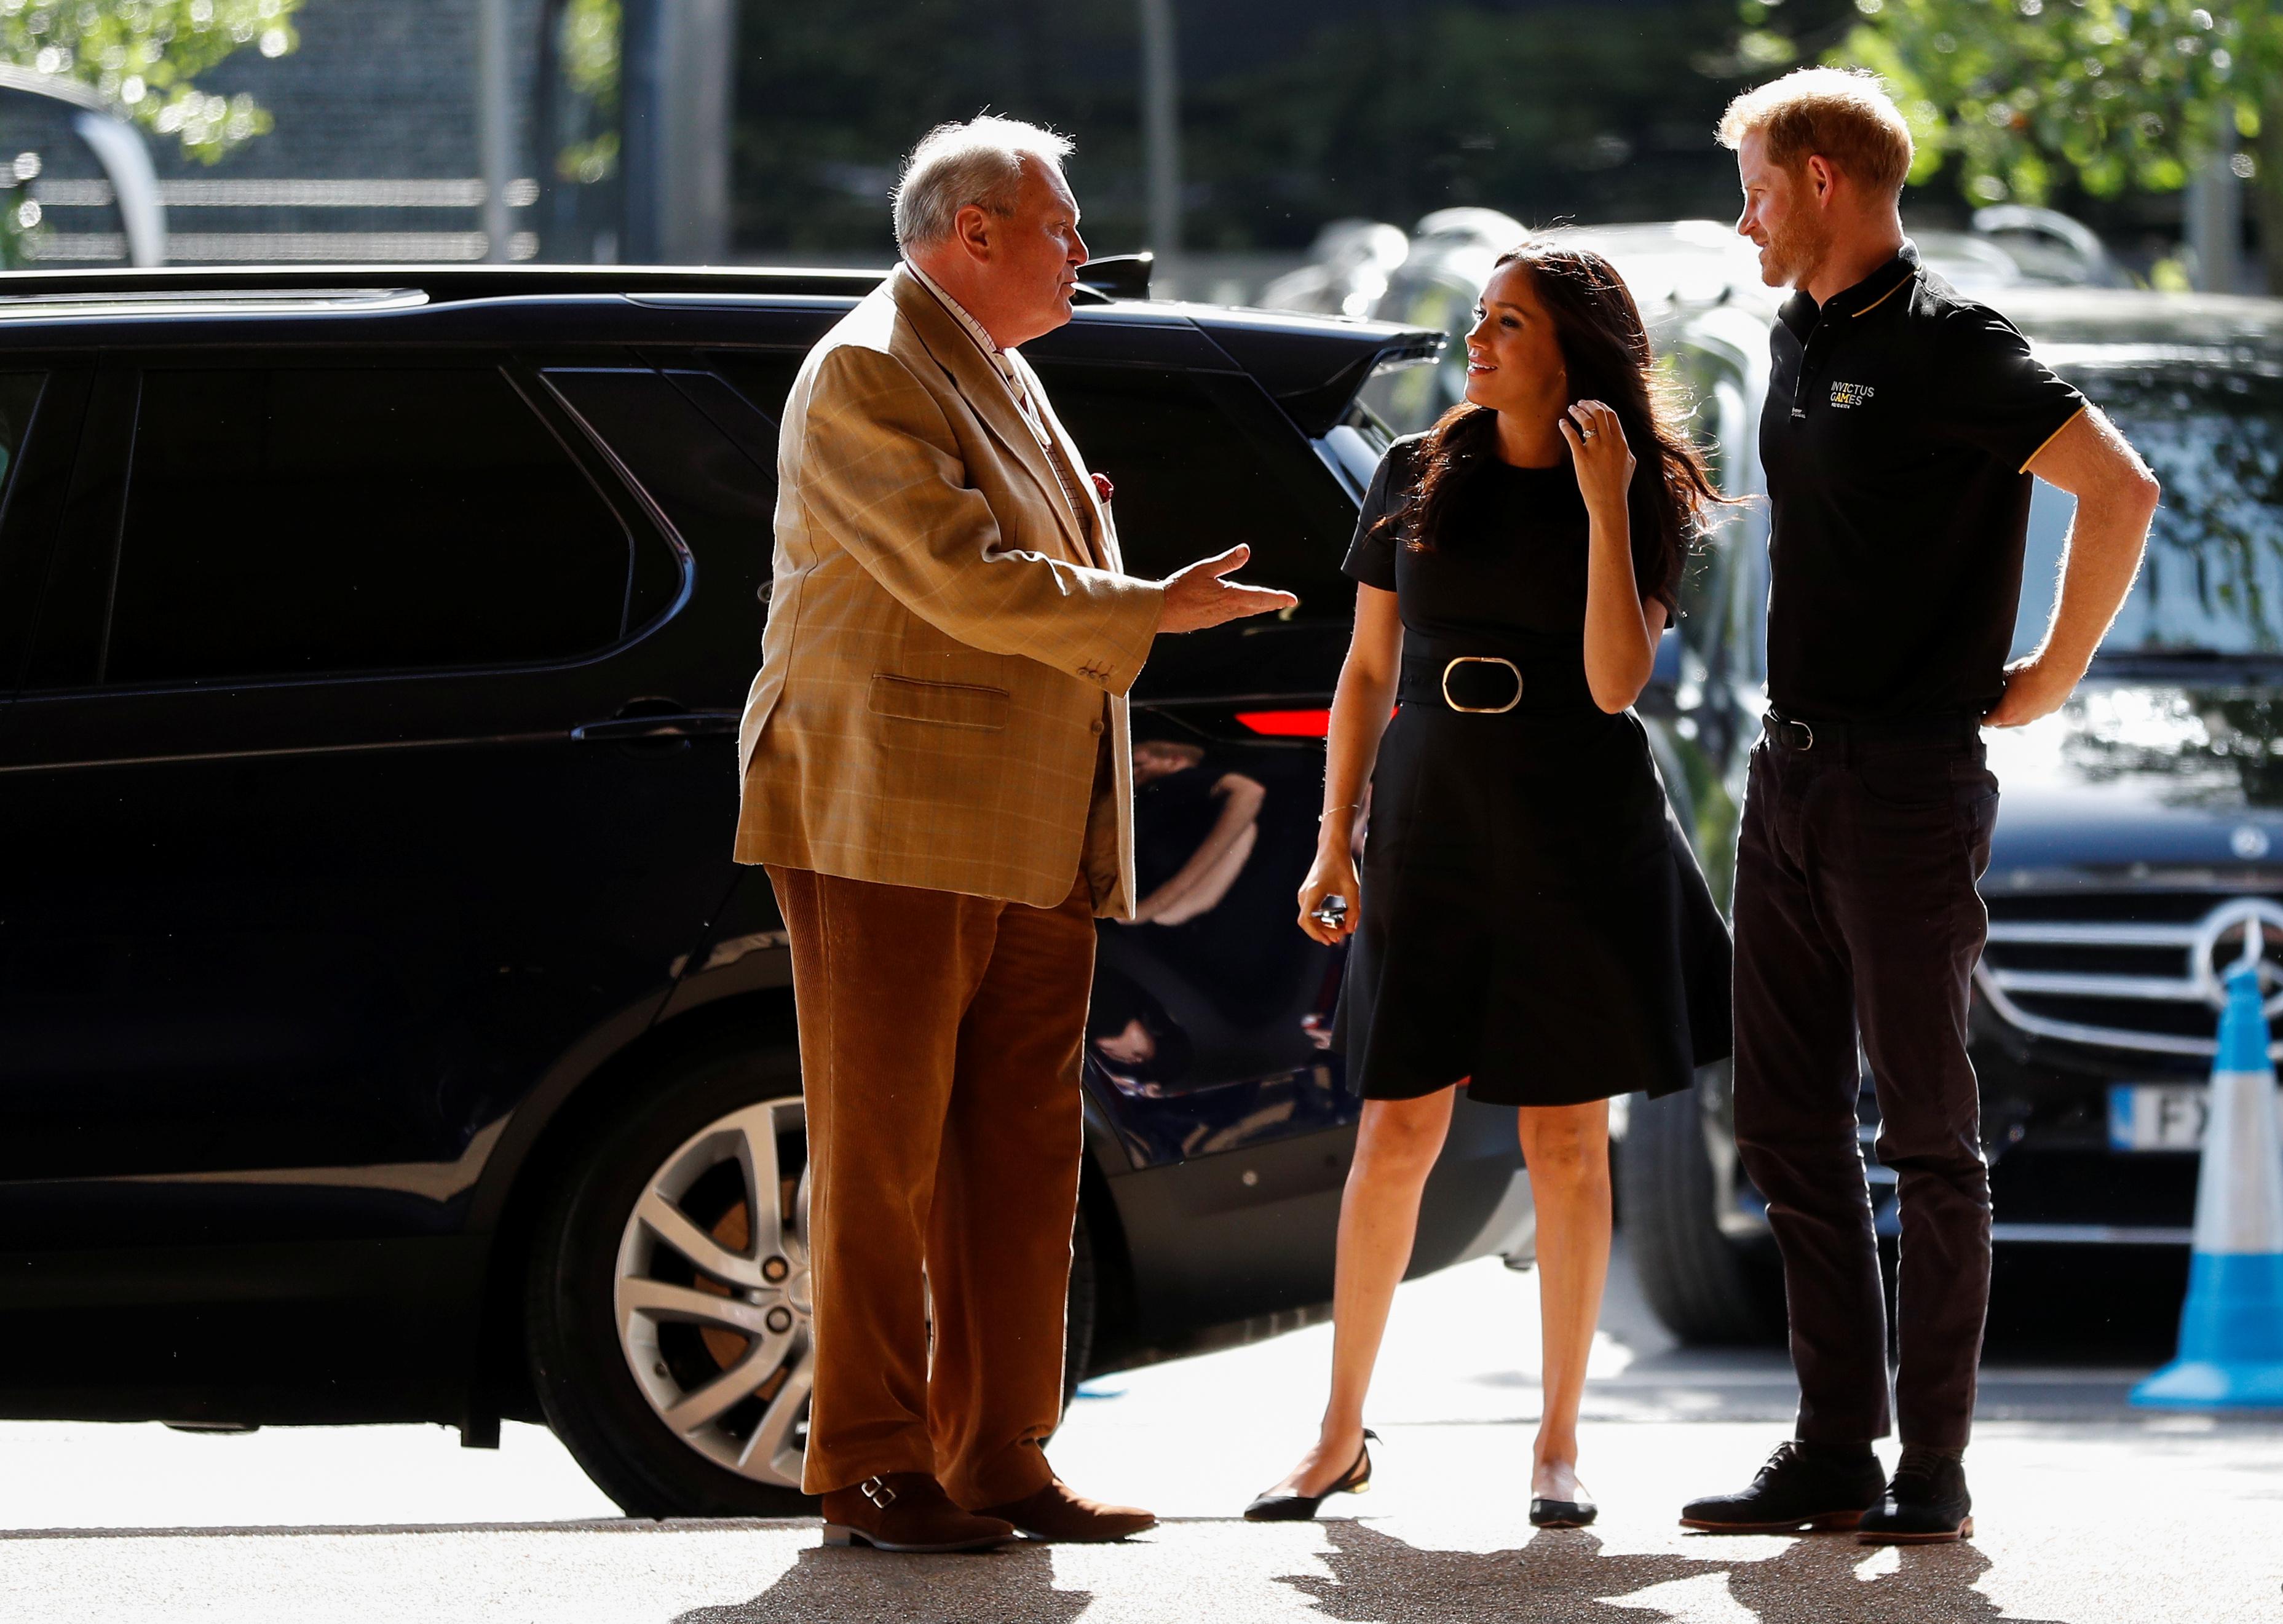 """Принц Хари и съпругата му Меган присъстваха на бейзболен мач между """"Янките"""" и бостънския """"Ред Сокс"""" в Лондон"""